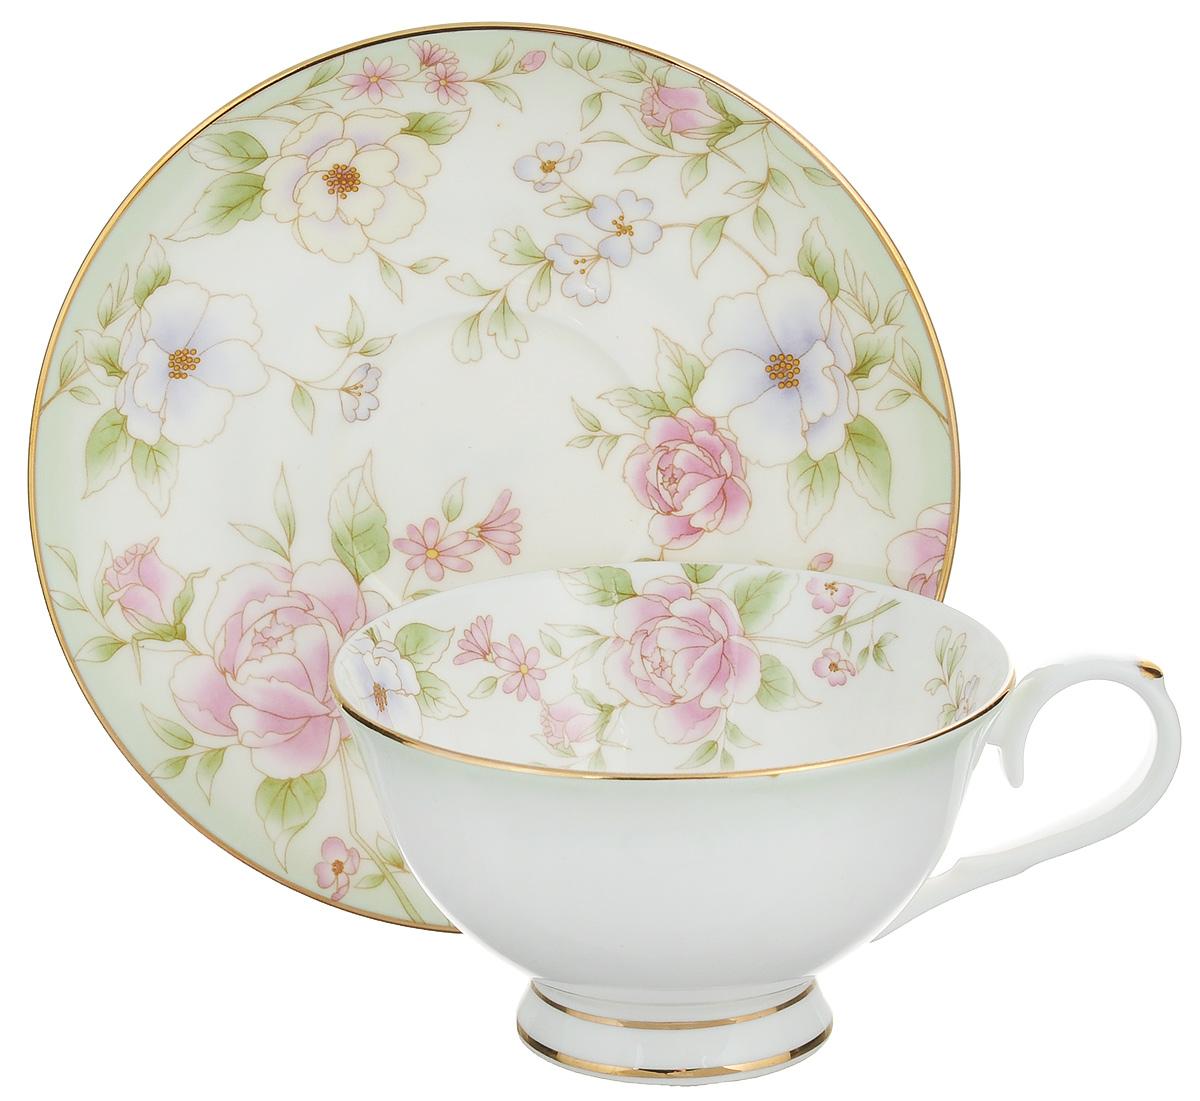 Чайная пара Elan Gallery Карнавал цветов, 2 предмета115510Чайная пара Elan Gallery Карнавал цветов состоит из чашки и блюдца, изготовленных из керамики высшего качества, отличающегося необыкновенной прочностью и небольшим весом. Яркий дизайн, несомненно, придется вам по вкусу.Чайная пара Elan Gallery Карнавал цветов украсит ваш кухонный стол, а также станет замечательным подарком к любому празднику.Не рекомендуется применять абразивные моющие средства. Не использовать в микроволновой печи.Объем чашки: 230 мл.Диаметр чашки (по верхнему краю): 10,5 см.Высота чашки: 6,5 см.Диаметр блюдца: 15 см.Высота блюдца: 2 см.